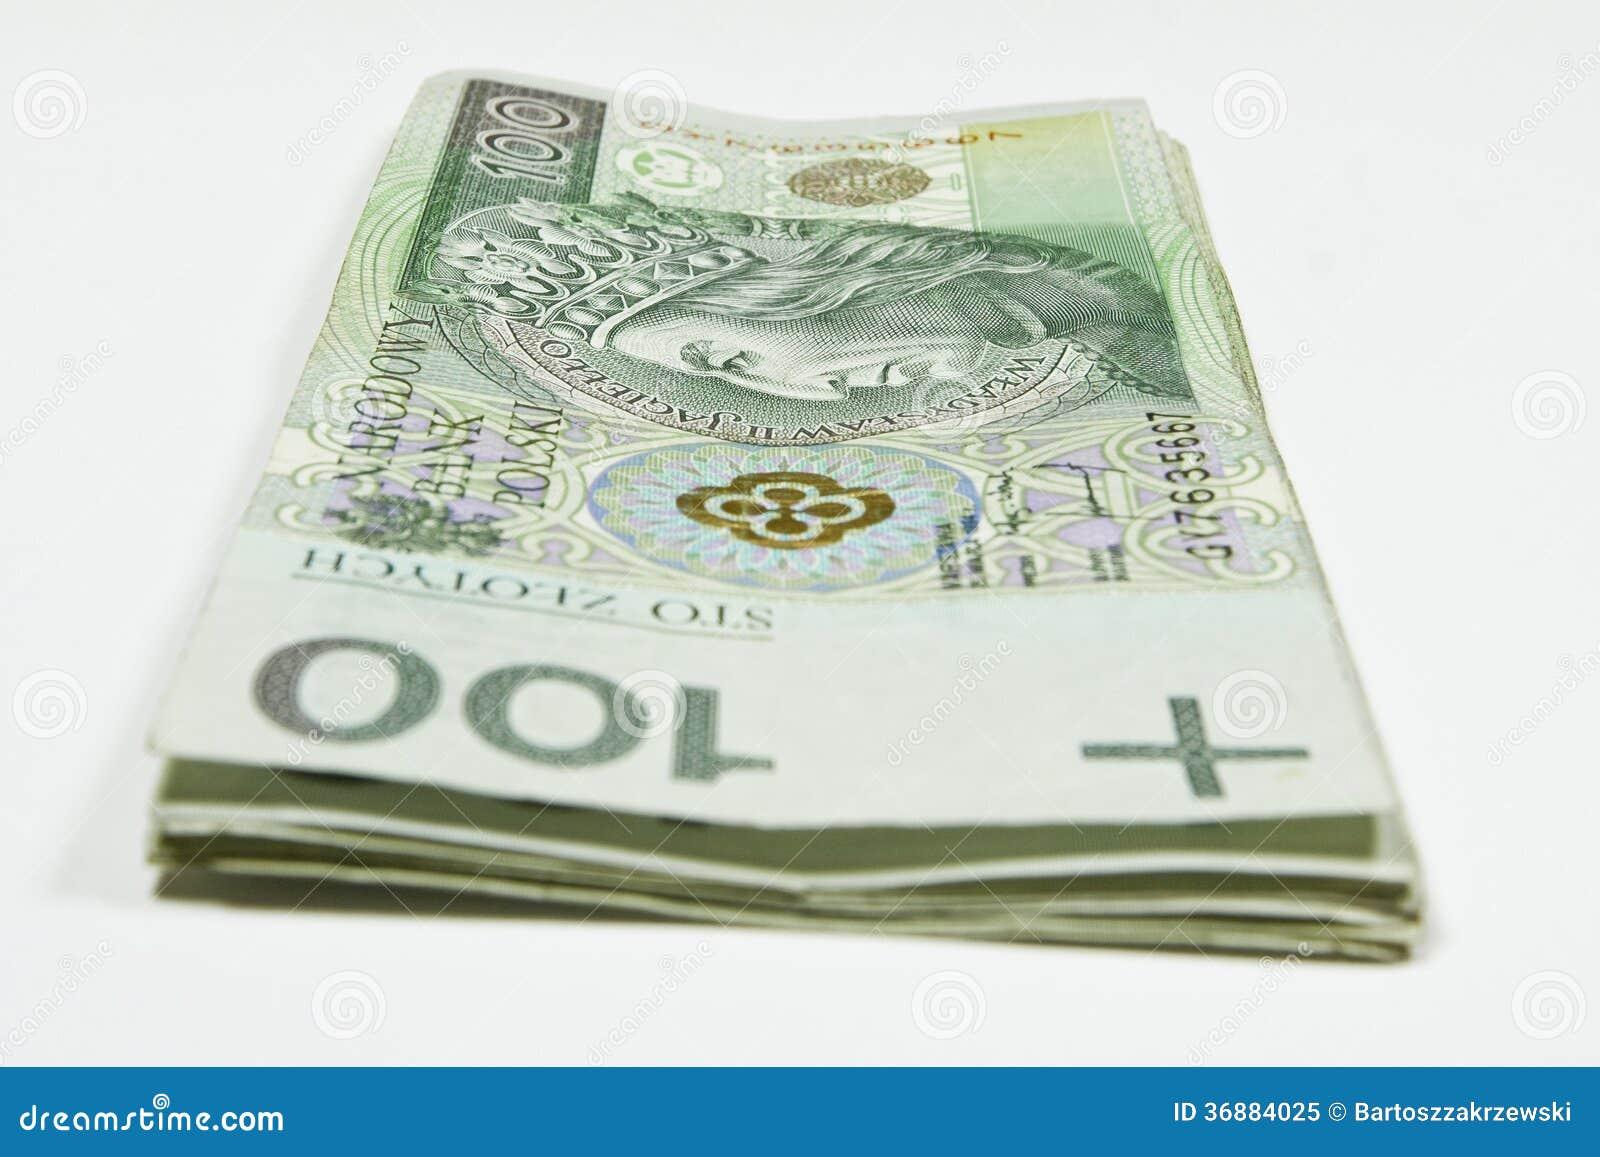 Download Soldi polacchi immagine stock. Immagine di banconota - 36884025